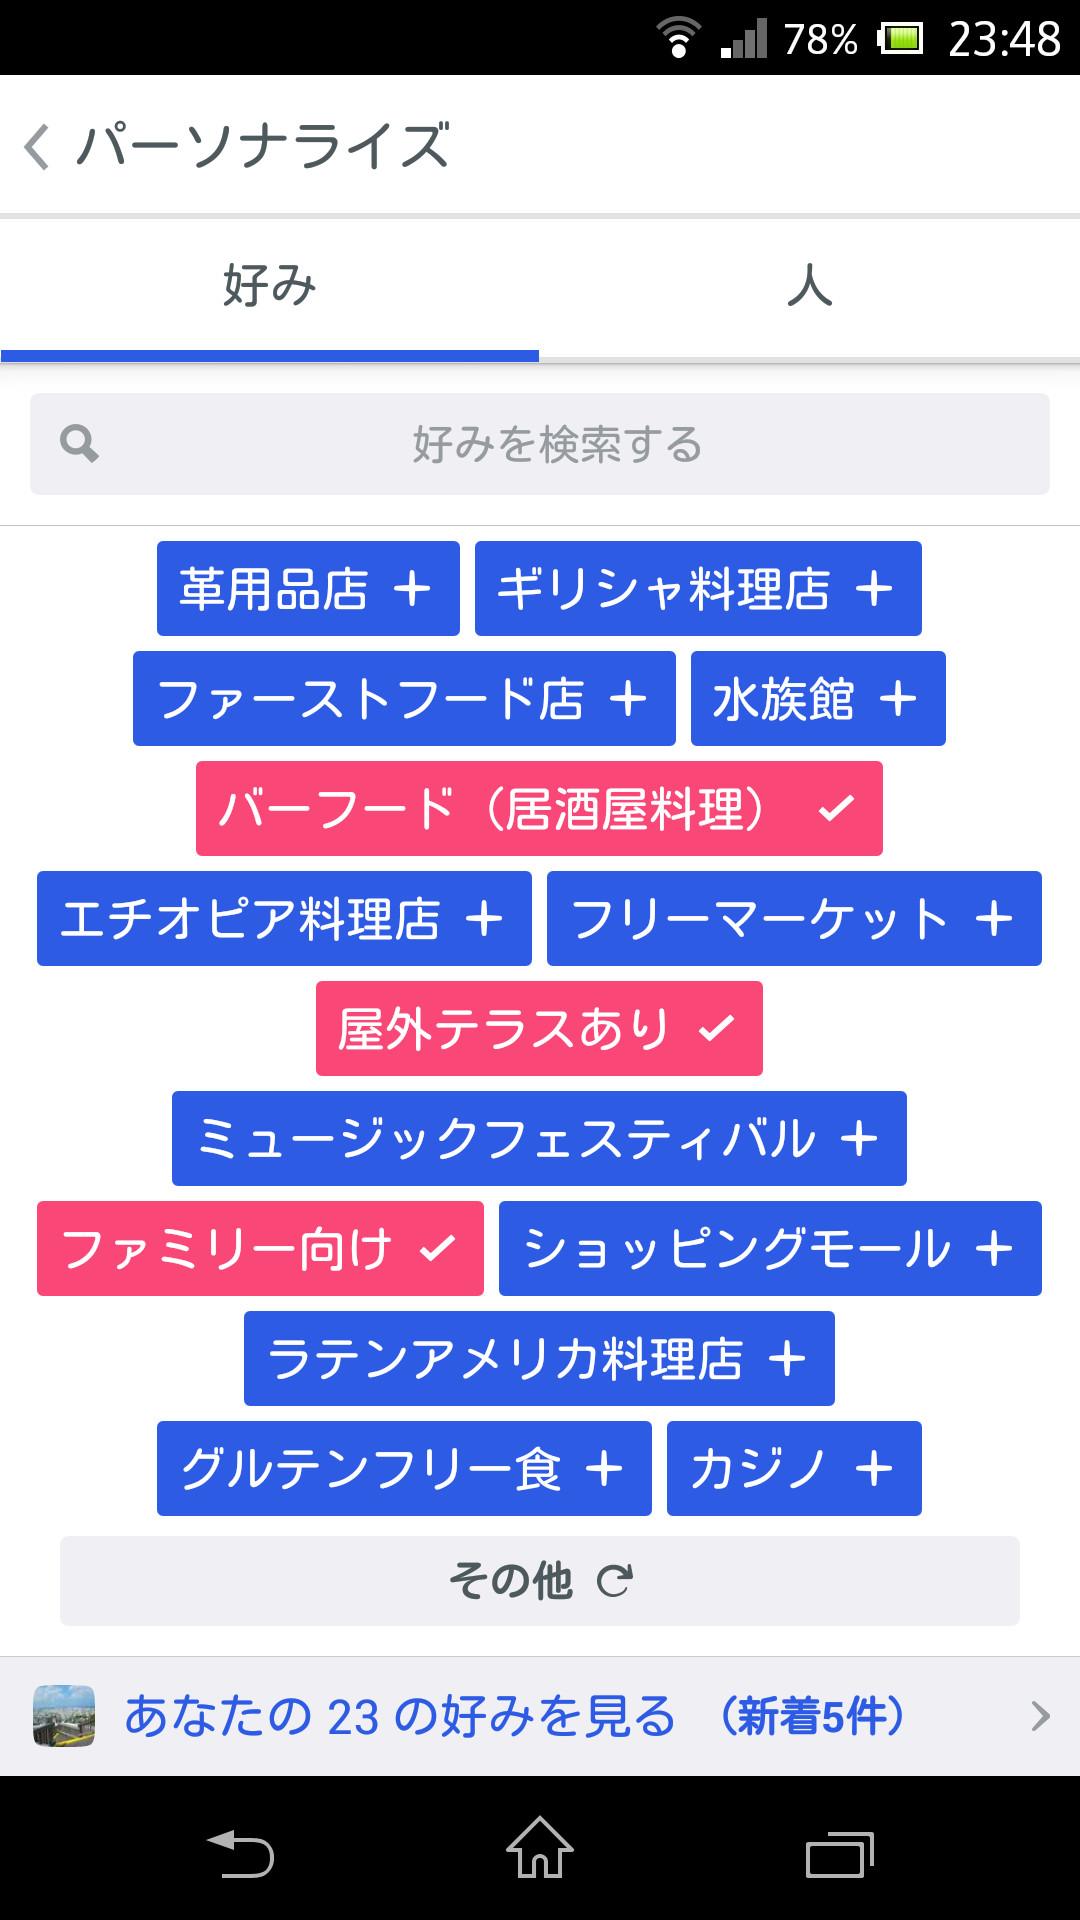 """""""パーソナライズ""""画面では、""""好み""""の設定やユーザーのフォローを行える"""